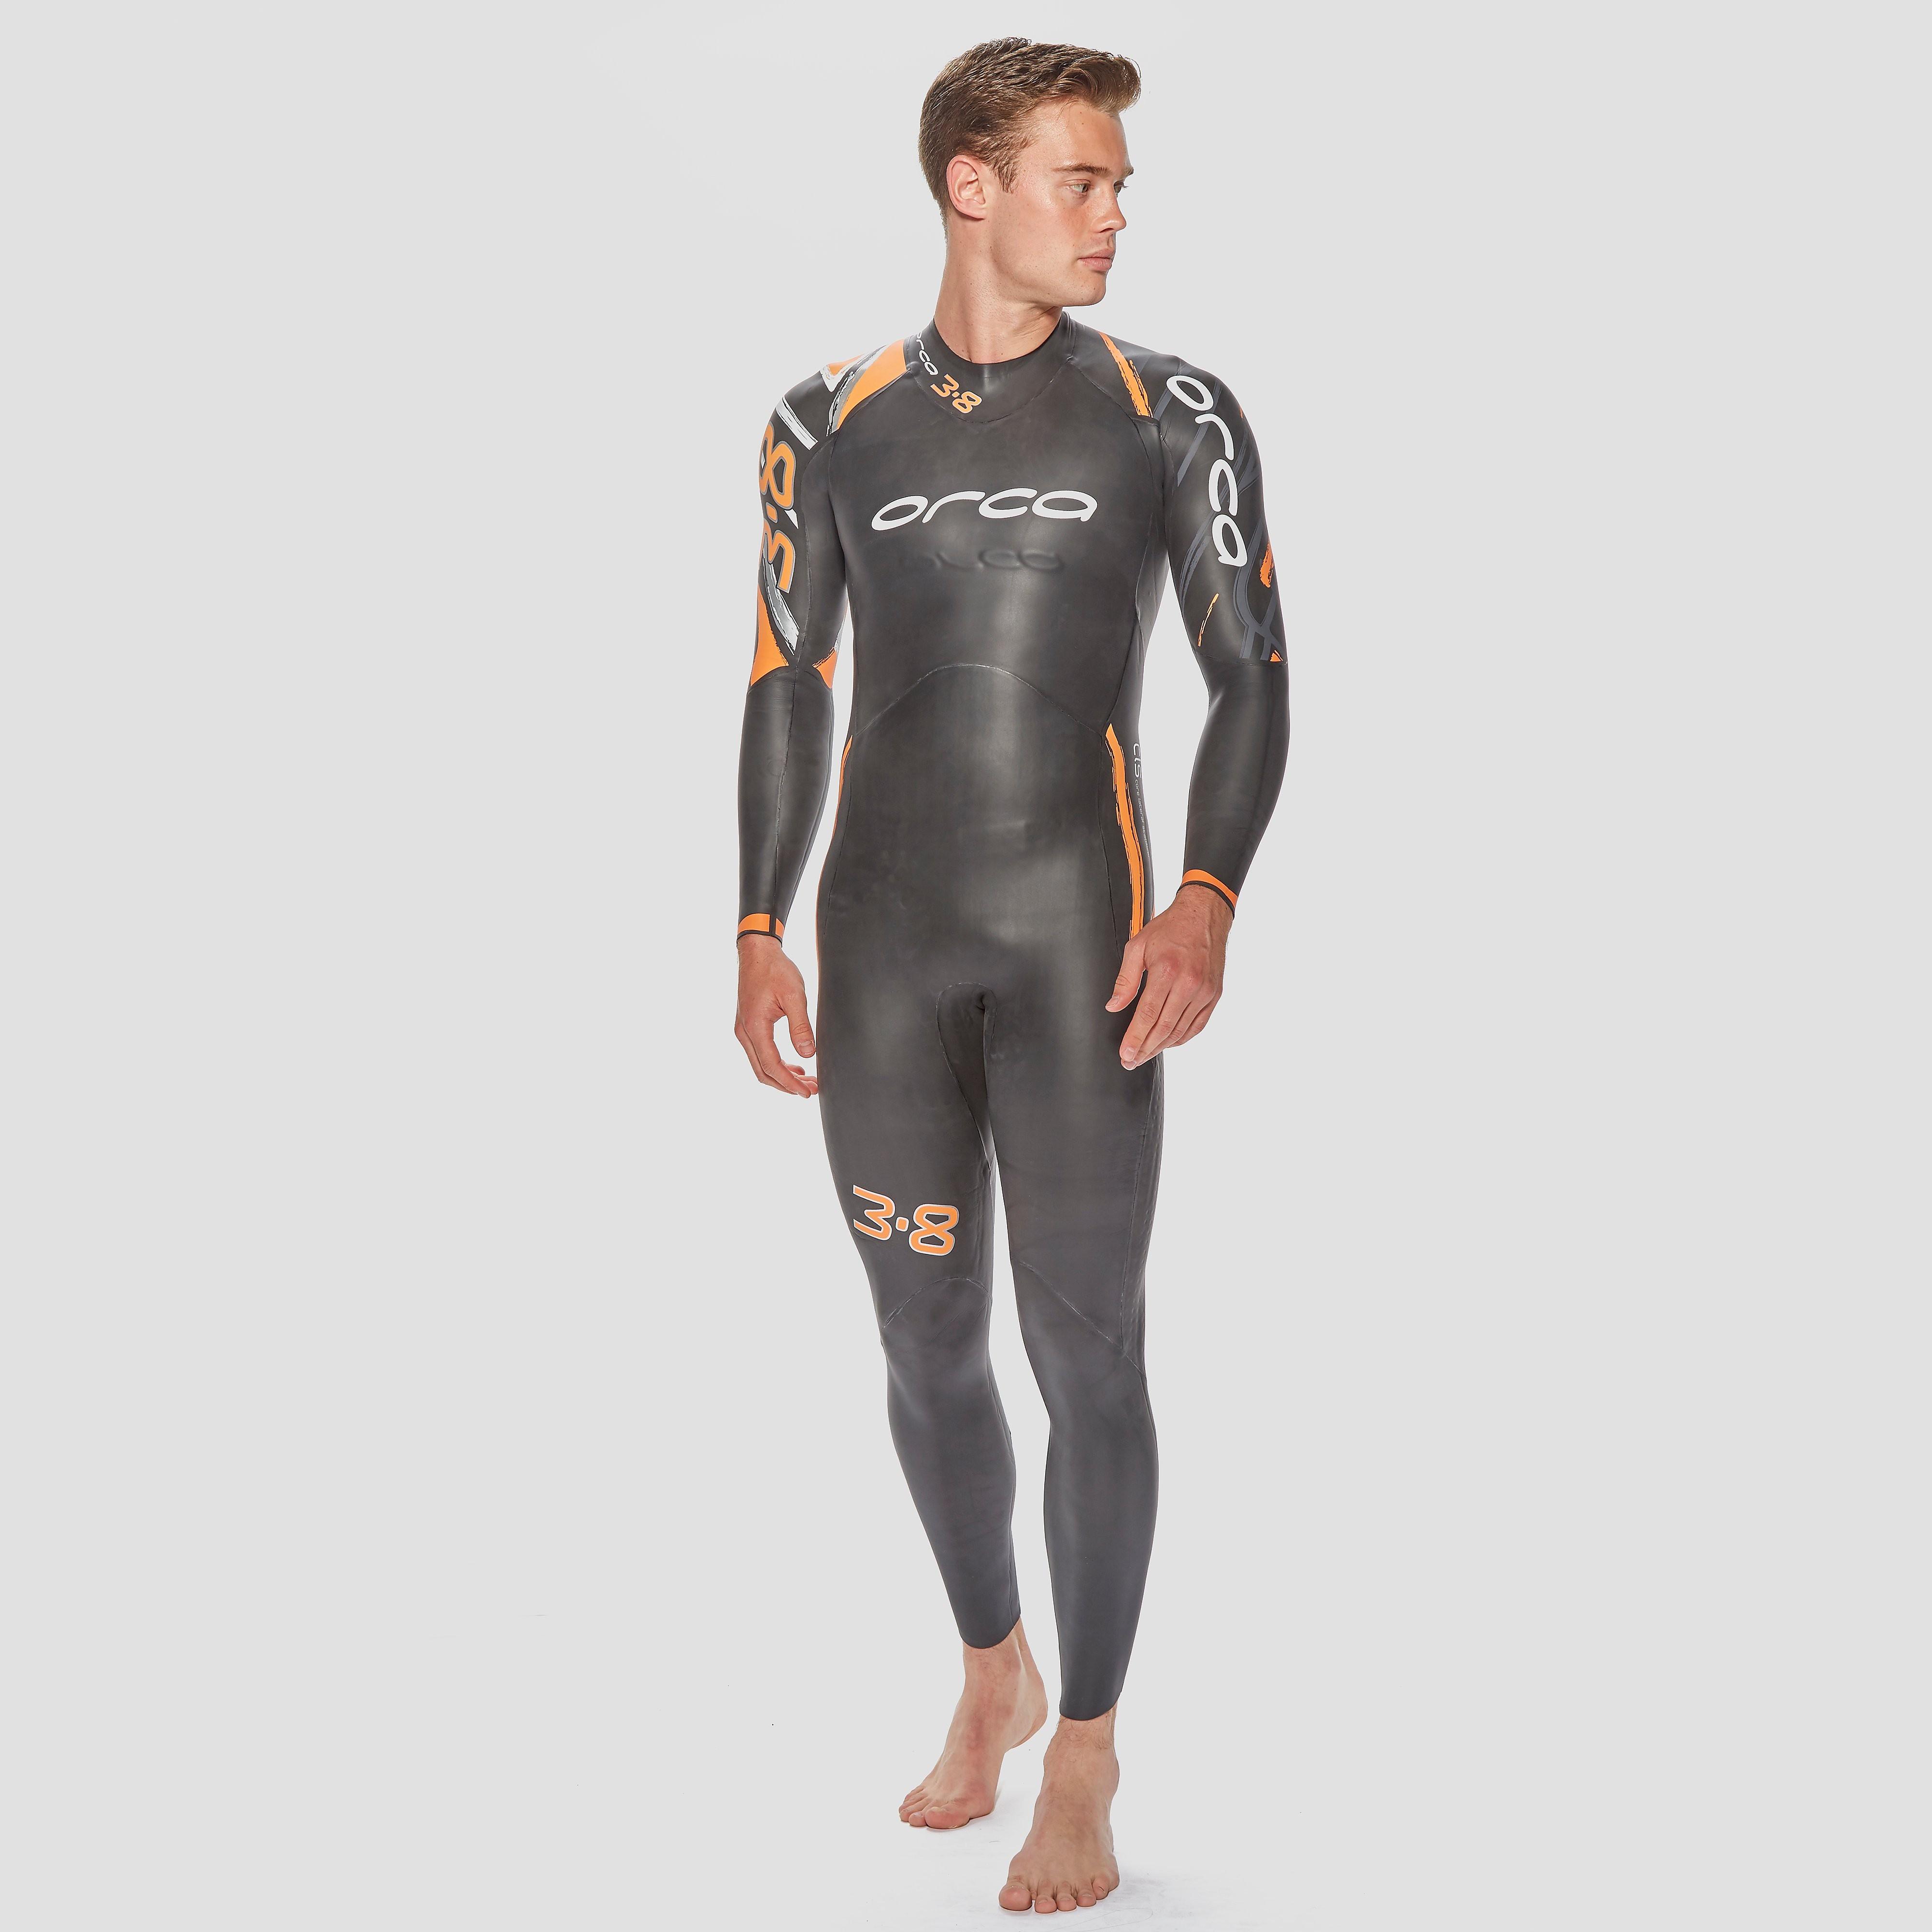 Orca 3.8 Men's Triathlon Wetsuit